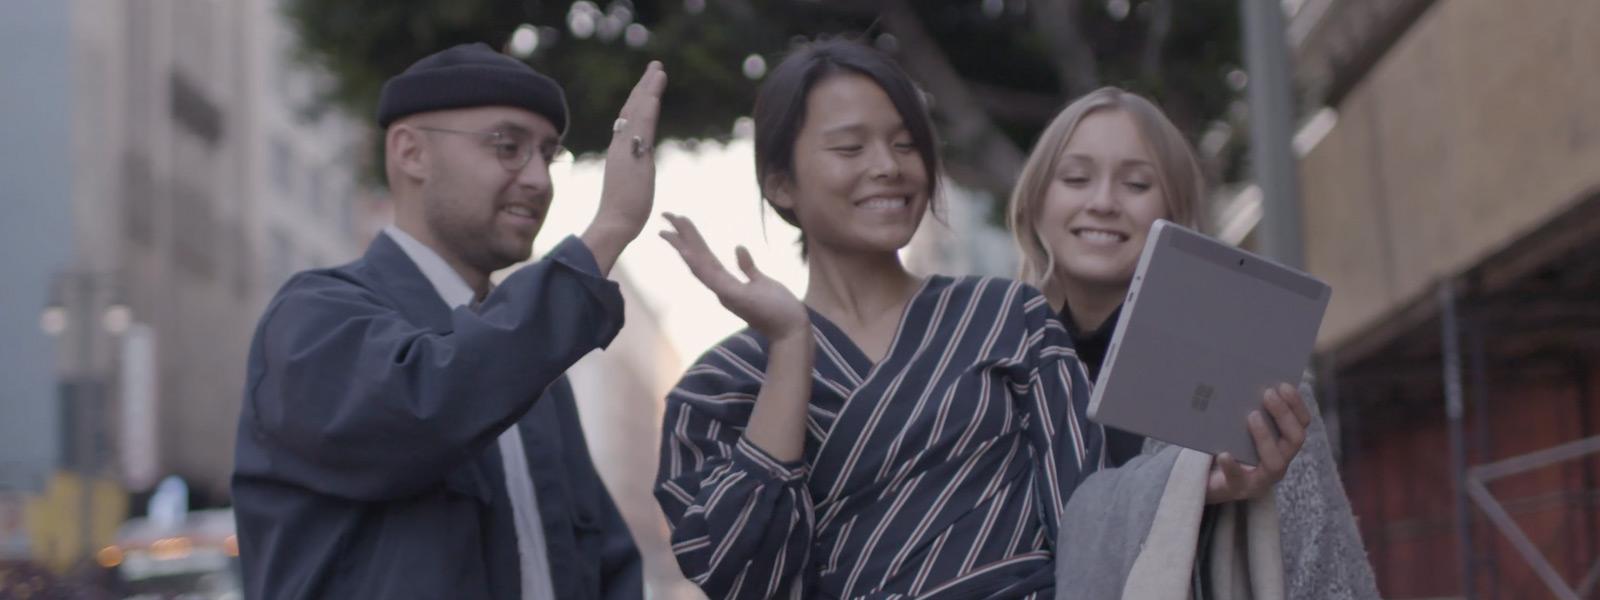 3 أشخاص يدردشون بالفيديو باستخدام Surface Go